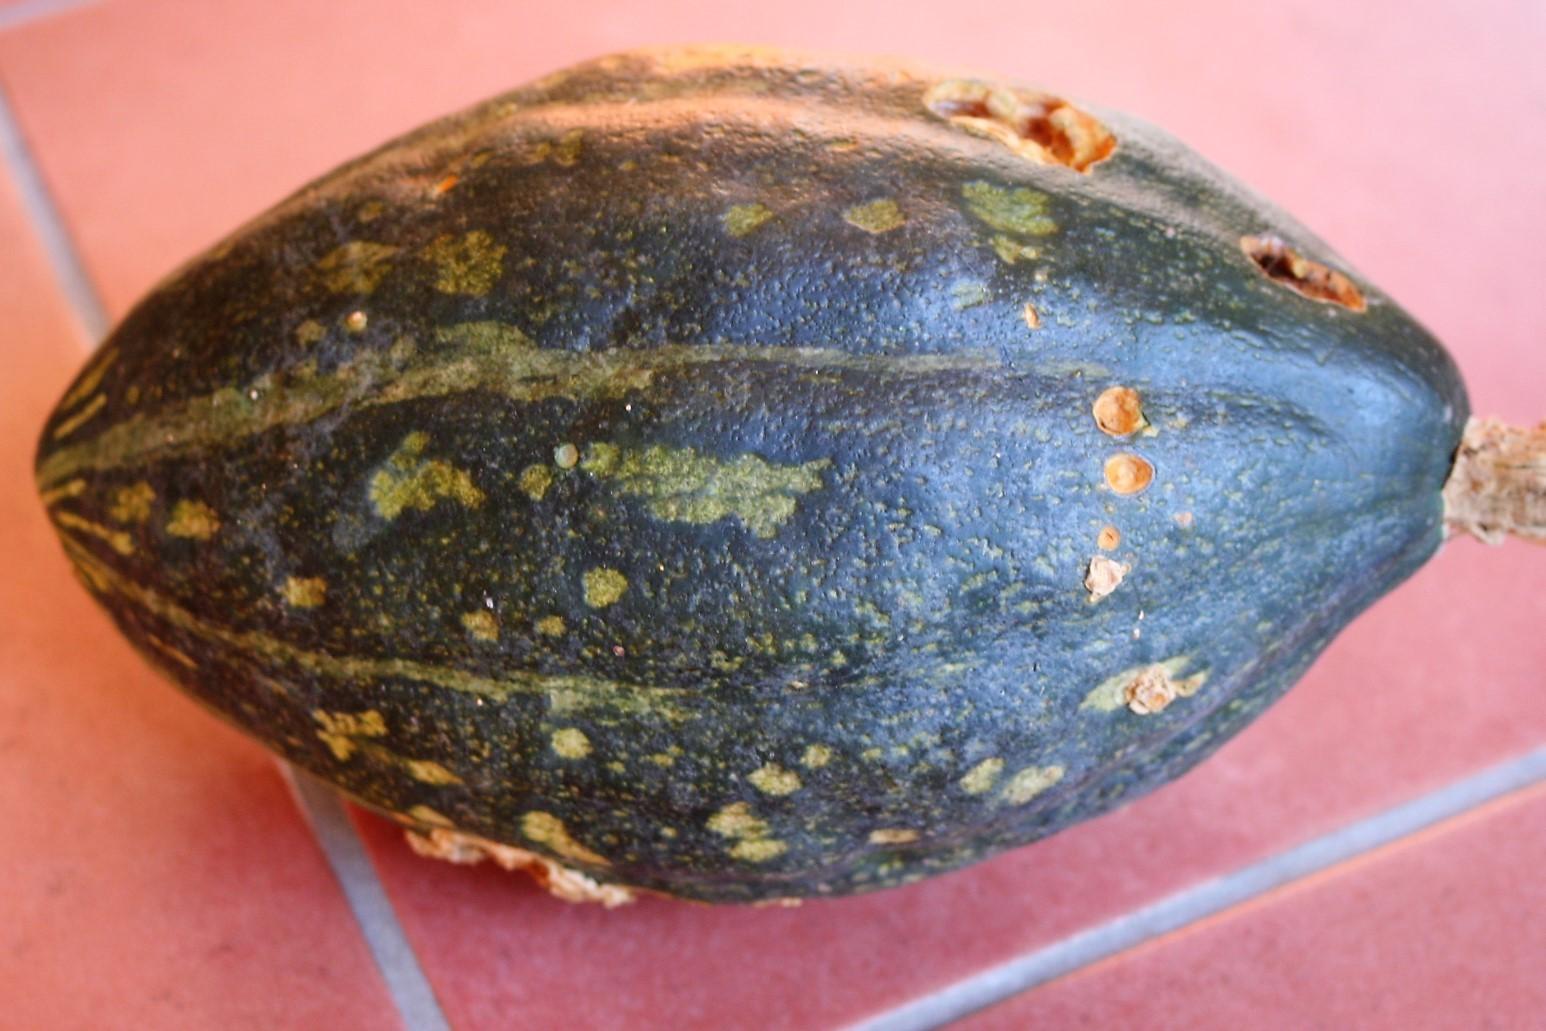 Worm-Eaten Pumpkin